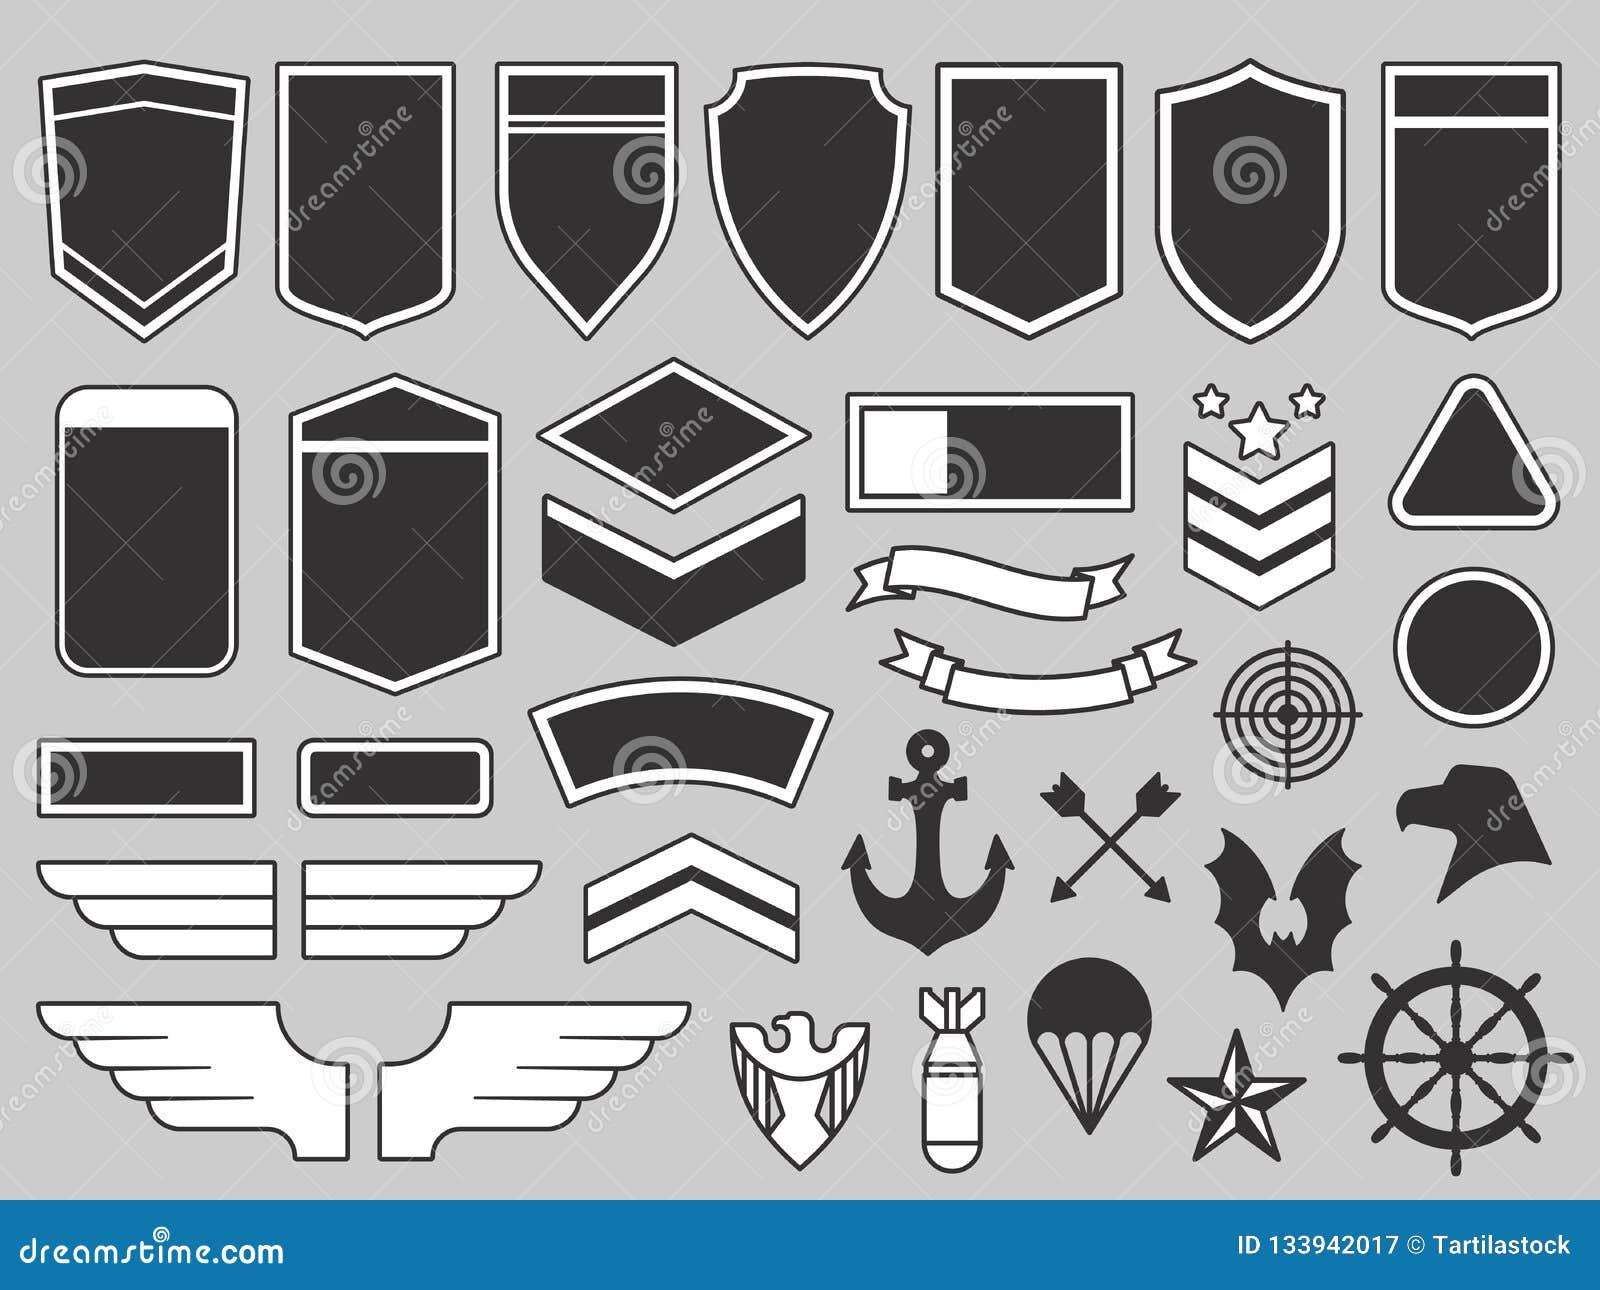 军事补丁 军队战士象征、队伍徽章和空军权威修补设计元素传染媒介集合